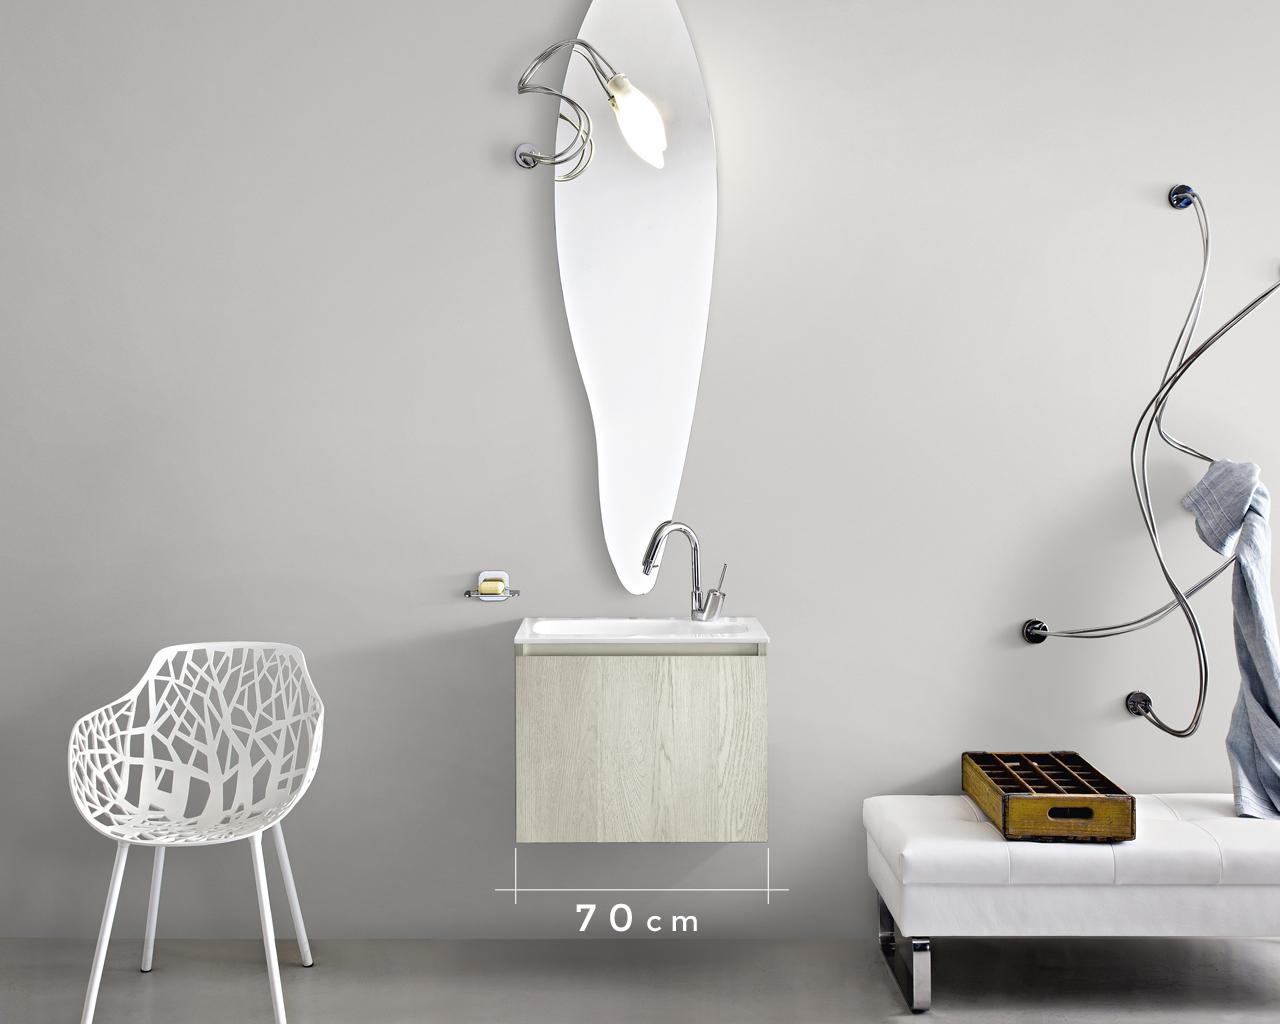 arredo bagno cerasa dalle misure personalizzate | design street - Misure Arredo Bagno